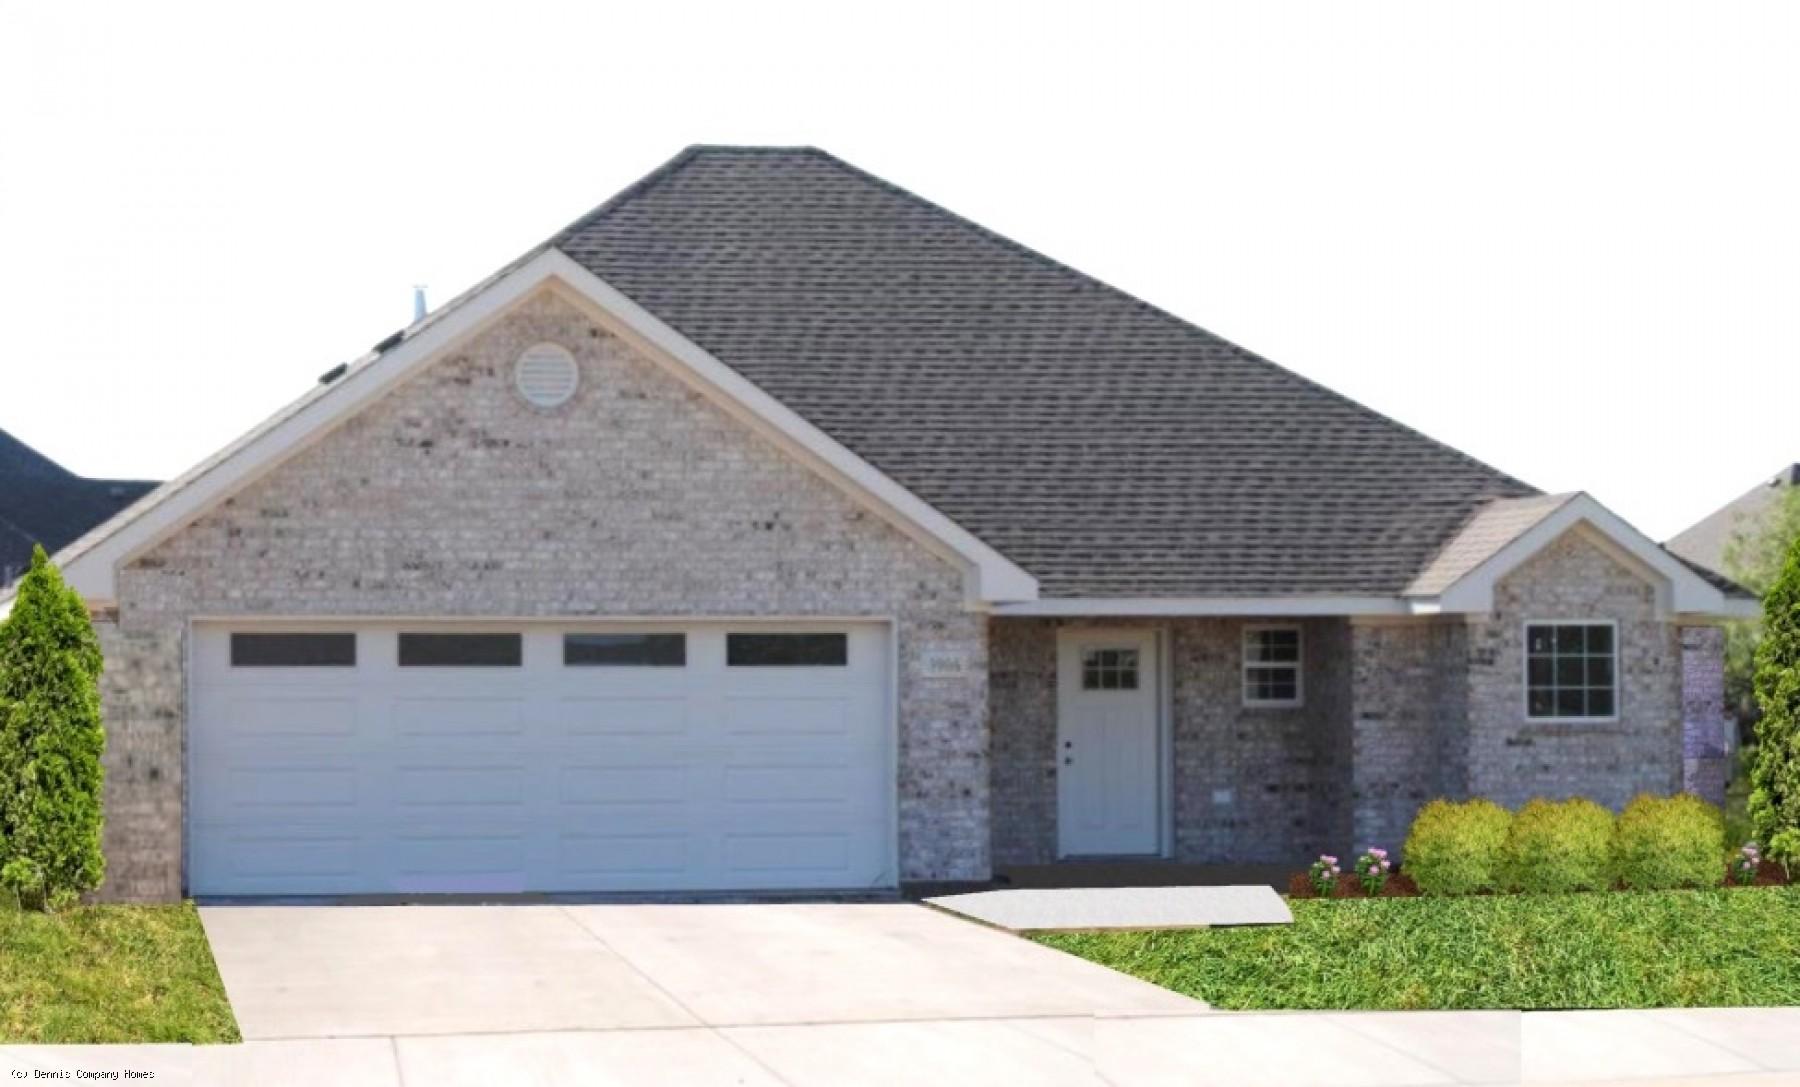 Dennis Company Homes Wichita Falls Tx